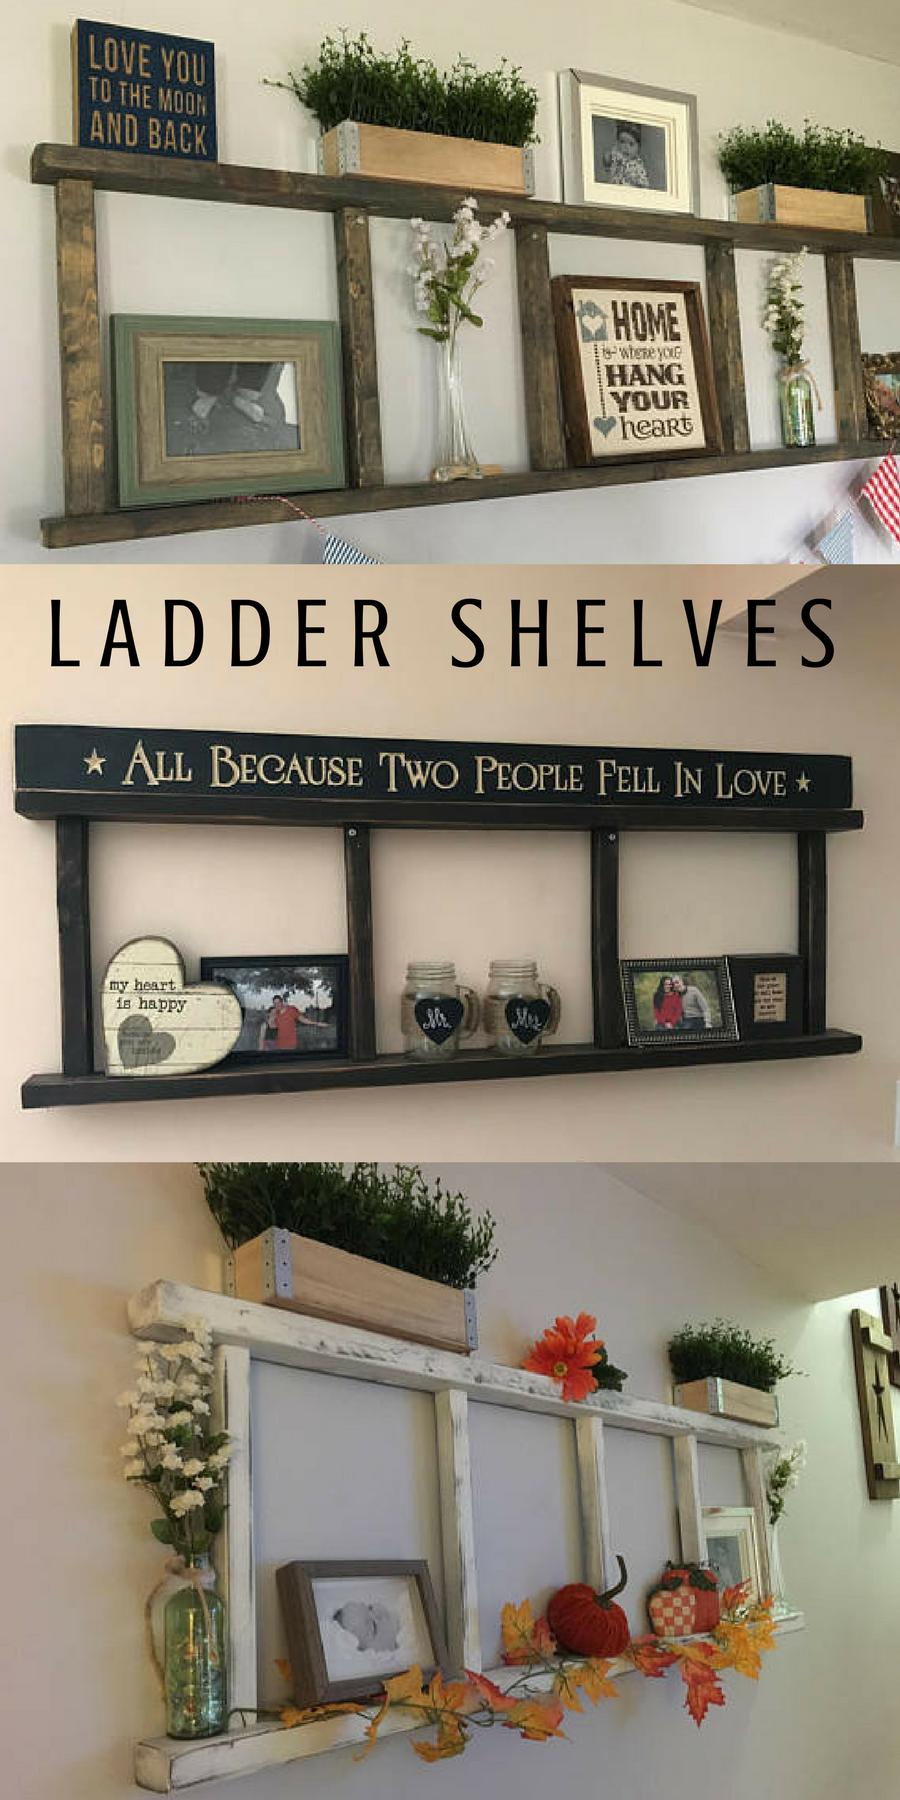 Great shelves for